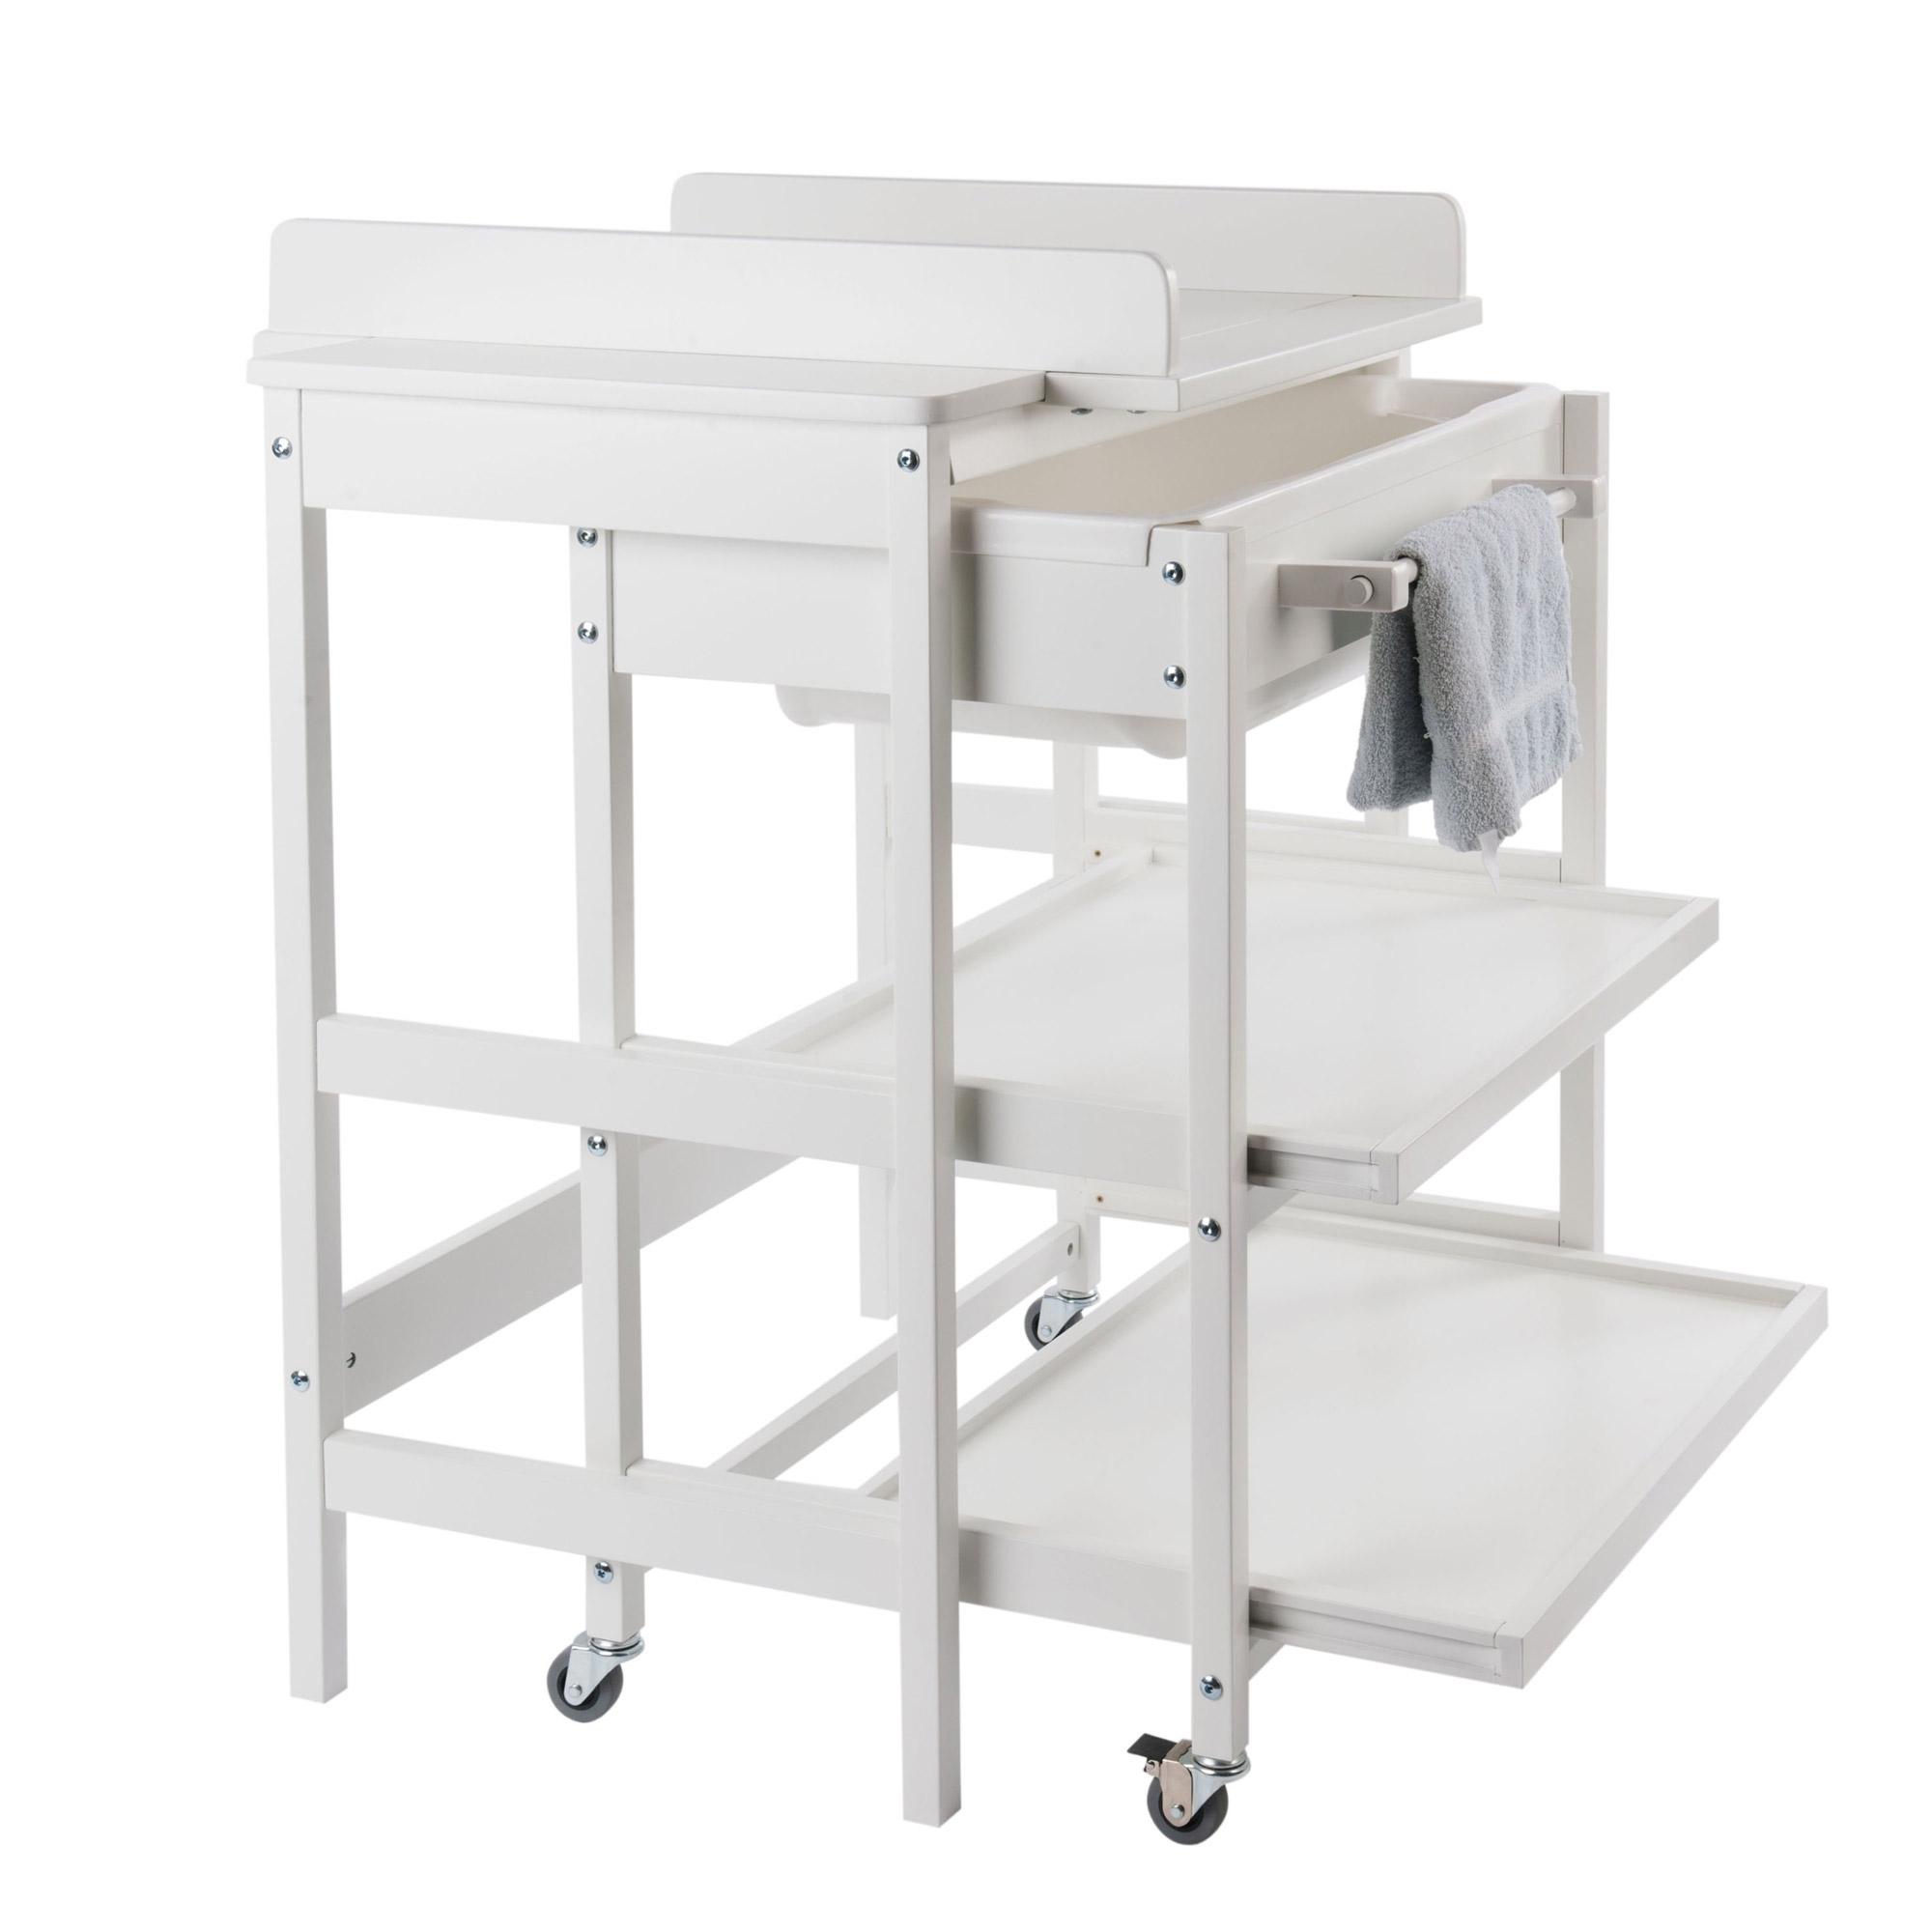 Meuble langer smart comfort griffin grey de quax meuble for Meuble quax